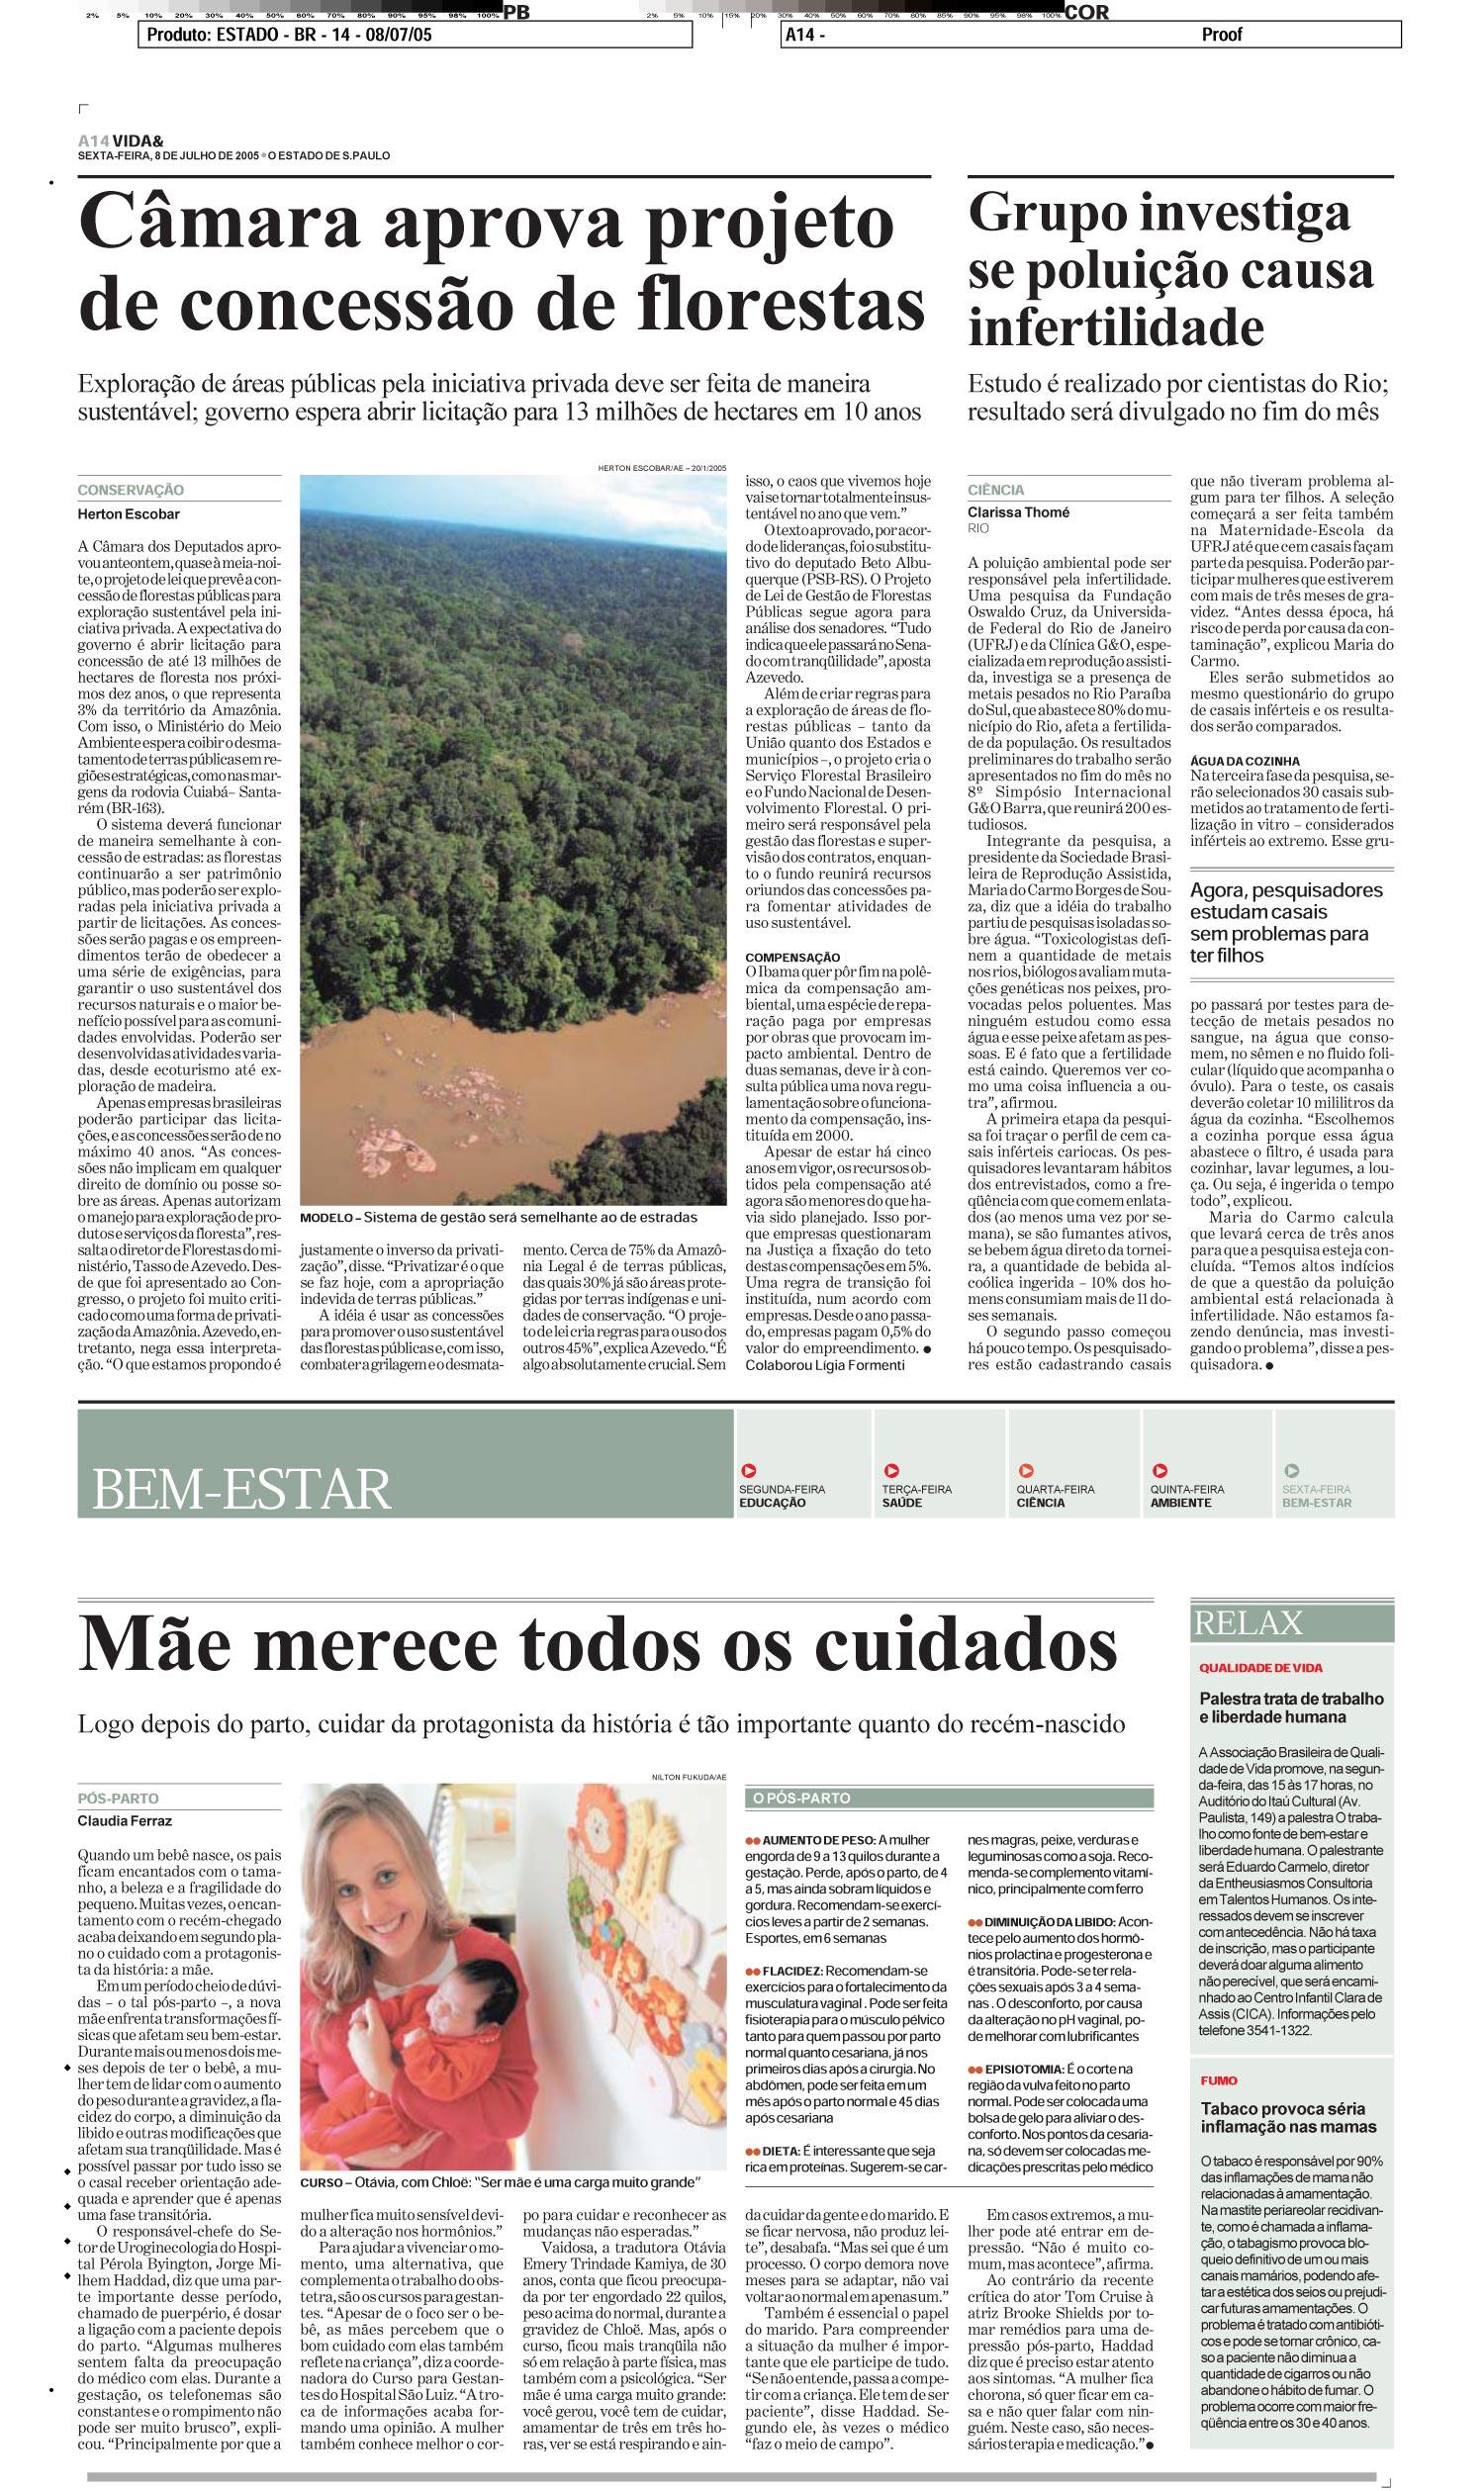 Câmara aprova projeto de concessão de florestas